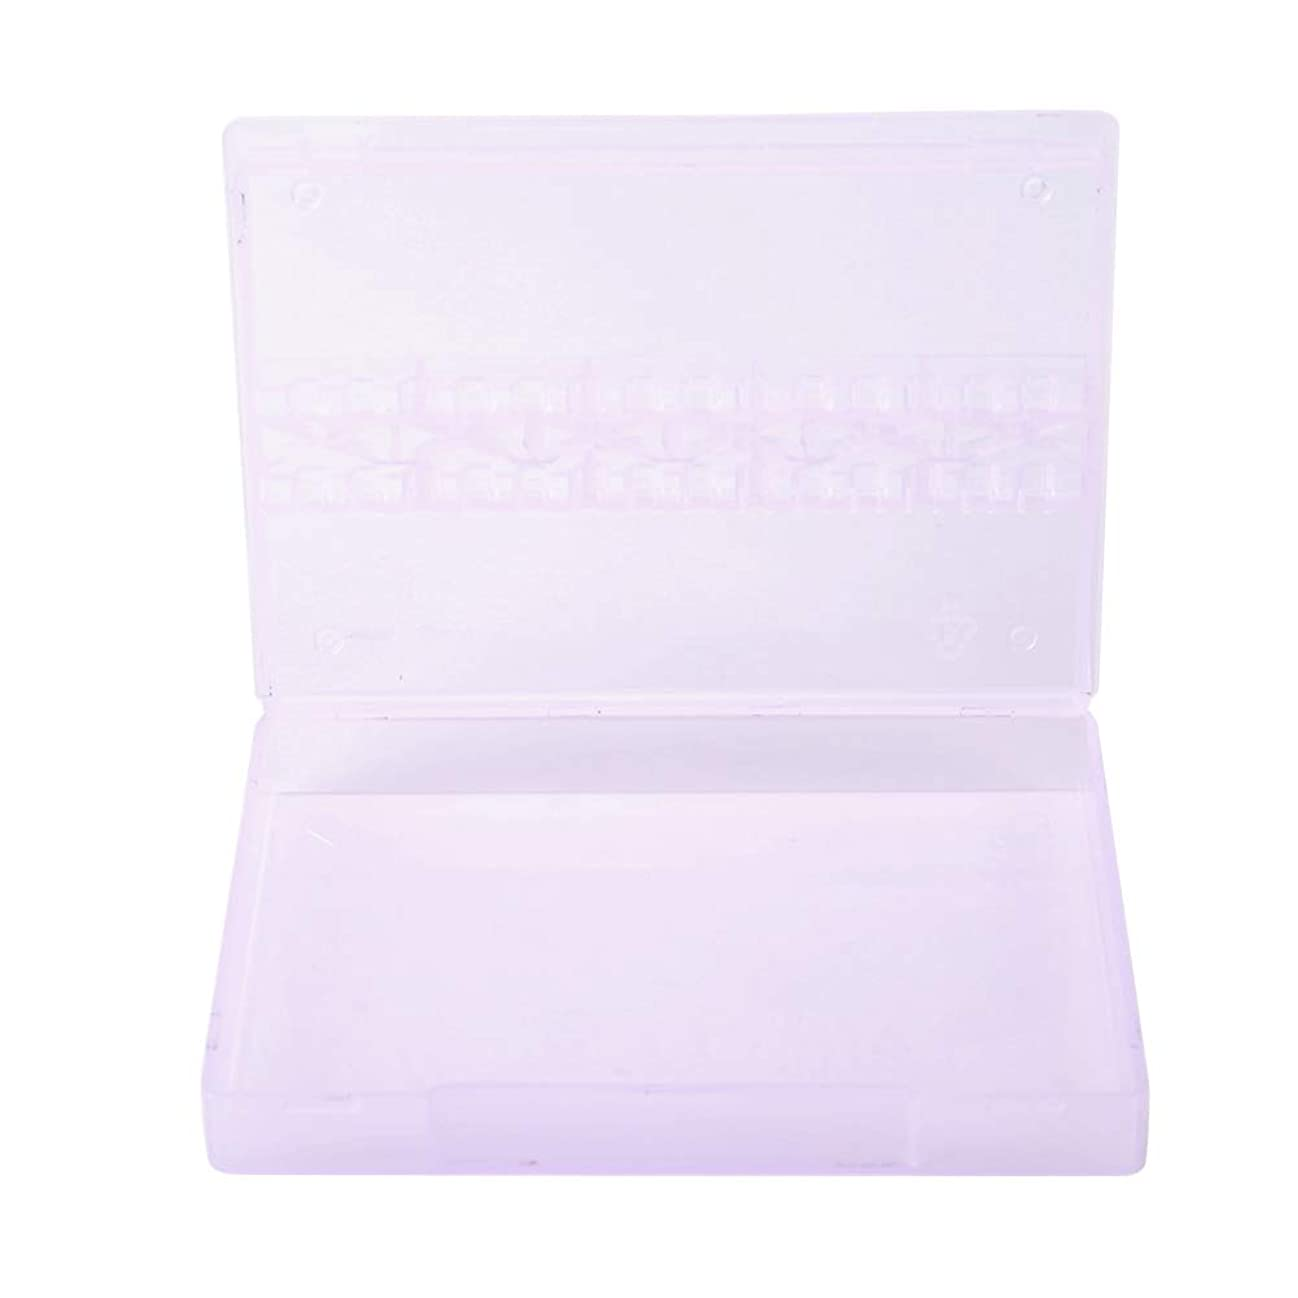 光沢印象値14グリッド ネイルドリルビット 透明 プラスチック 収納ボックス ネイルポリッシュ ヘッドディスプレイ ケース ネイルツール コンテナー(01)